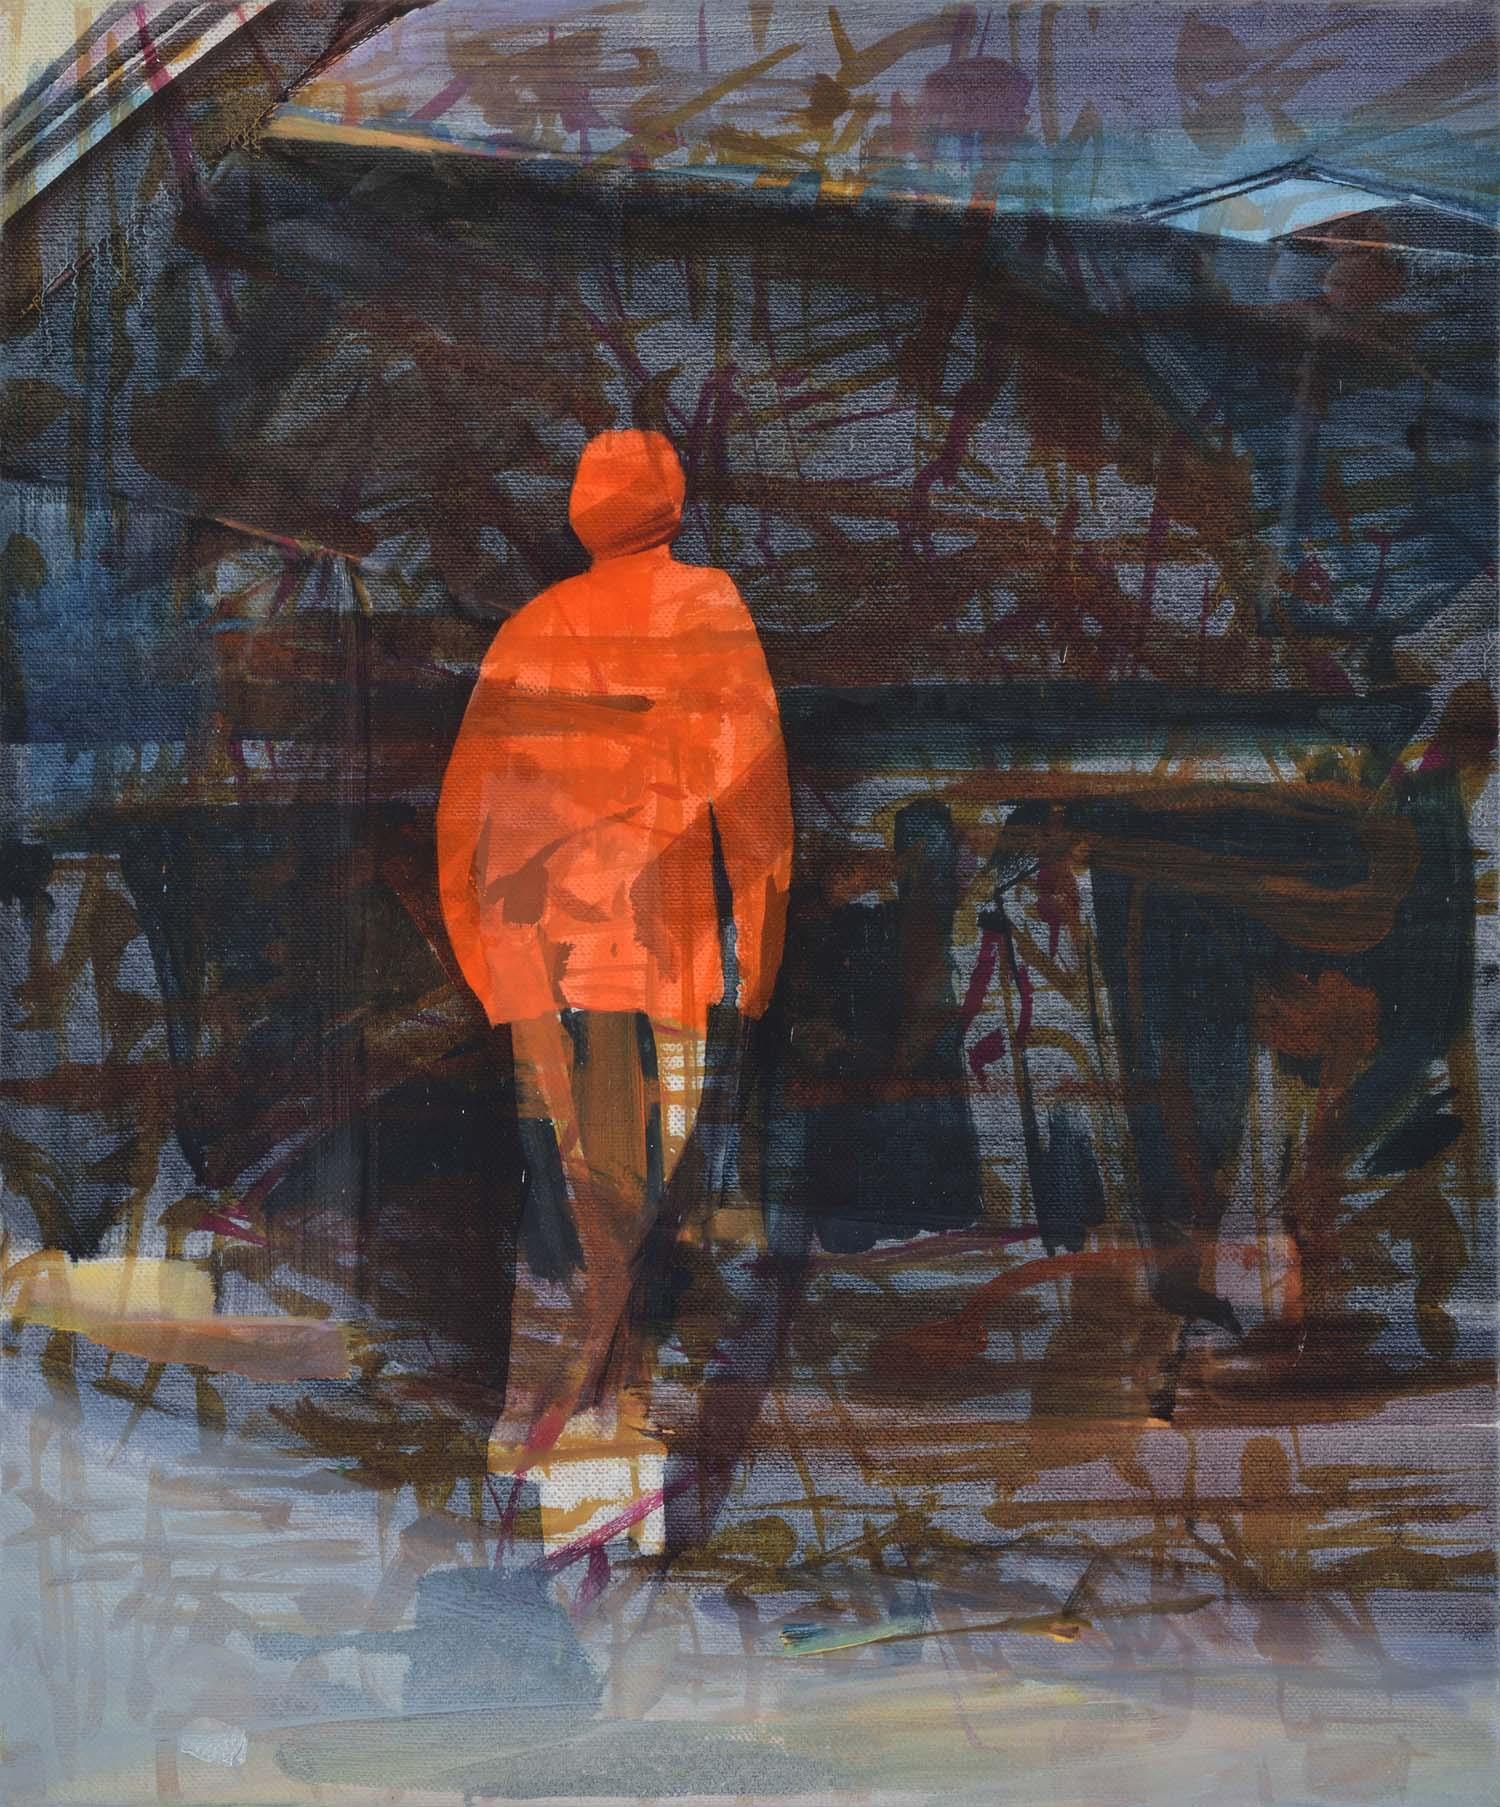 Haiti/Hayward/skate,  2015, oil on canvas, 74 x 61cm